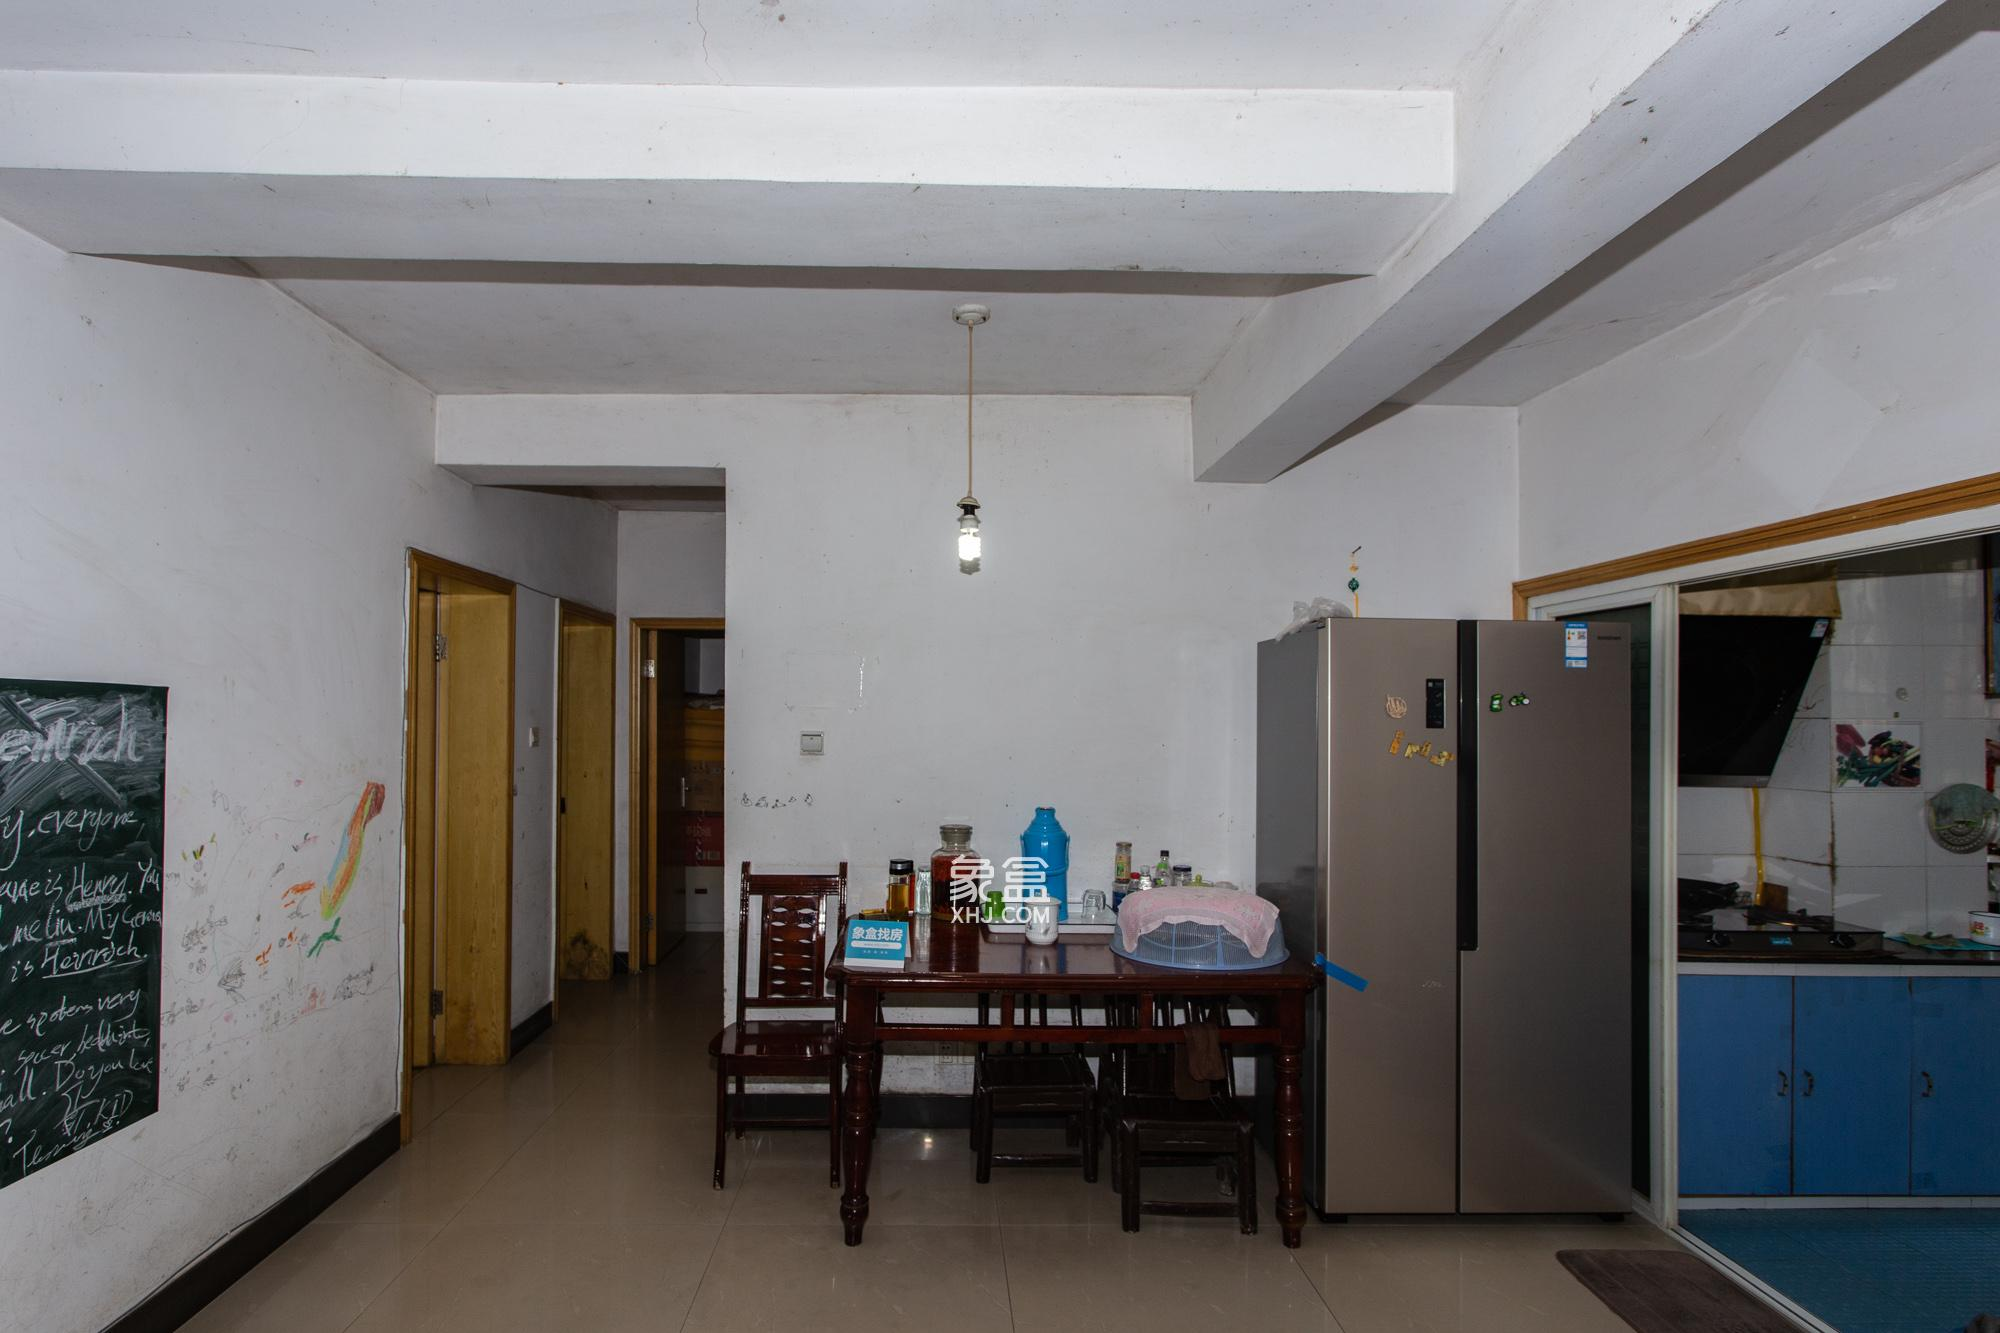 觀沙嶺居家三房 純板樓公攤小 南北通透采光好 小區里有學校